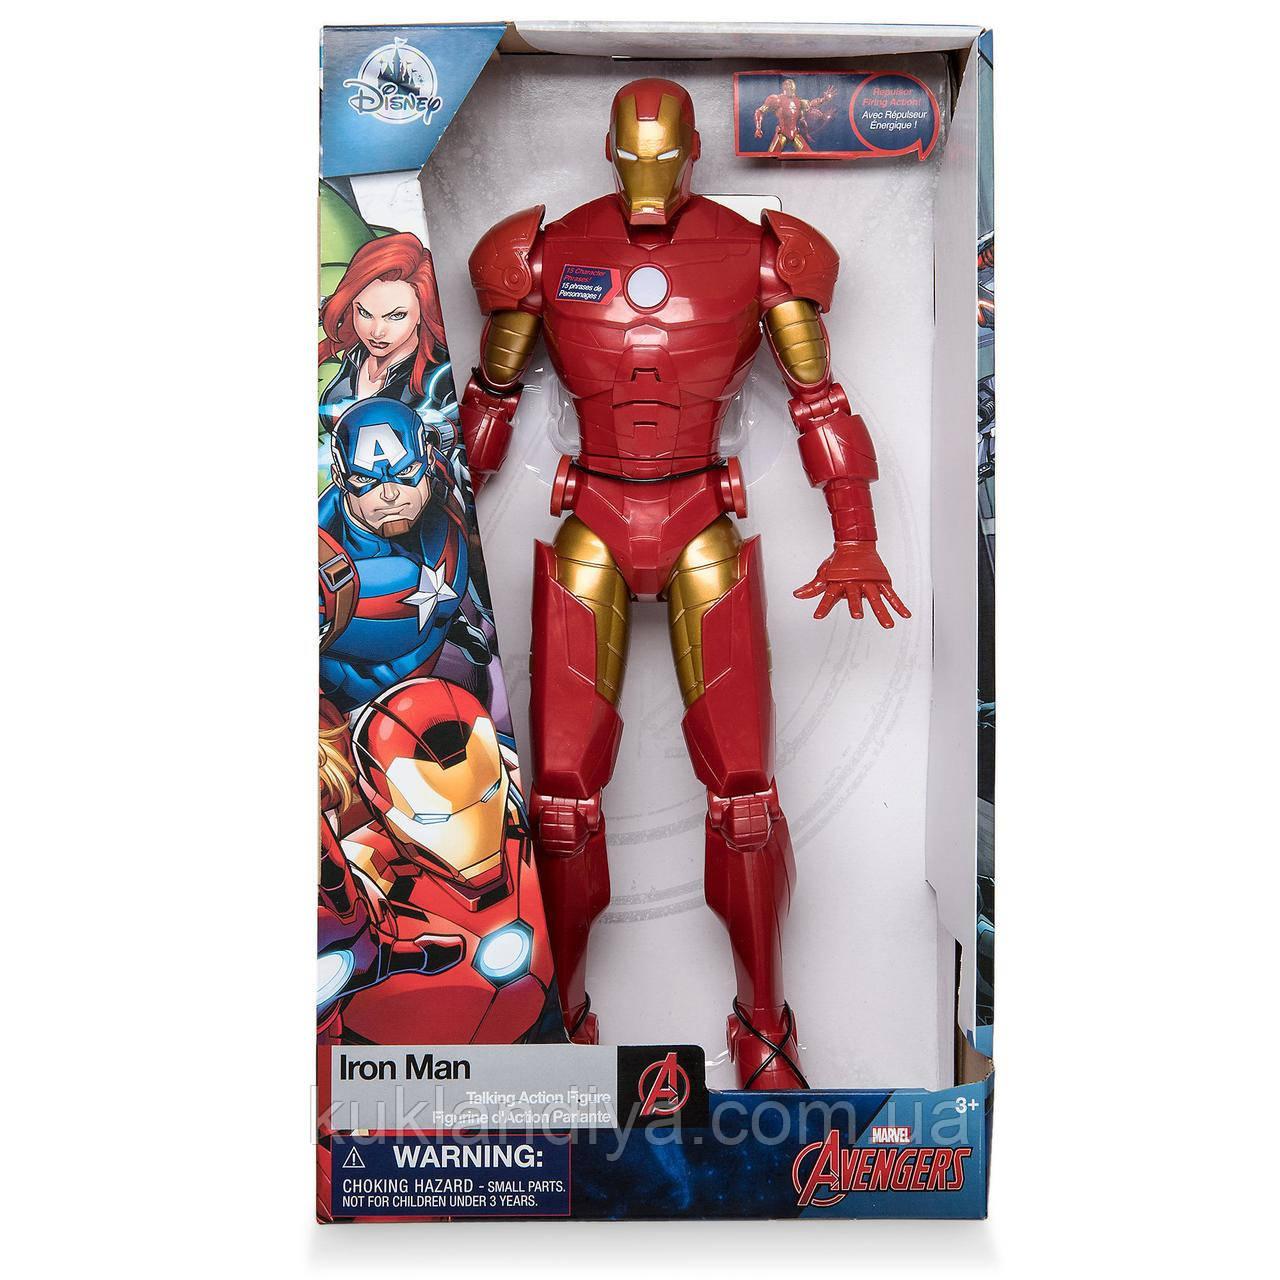 Интерактивный Железный человек от Дисней/ Iron Man Talking Action Figure